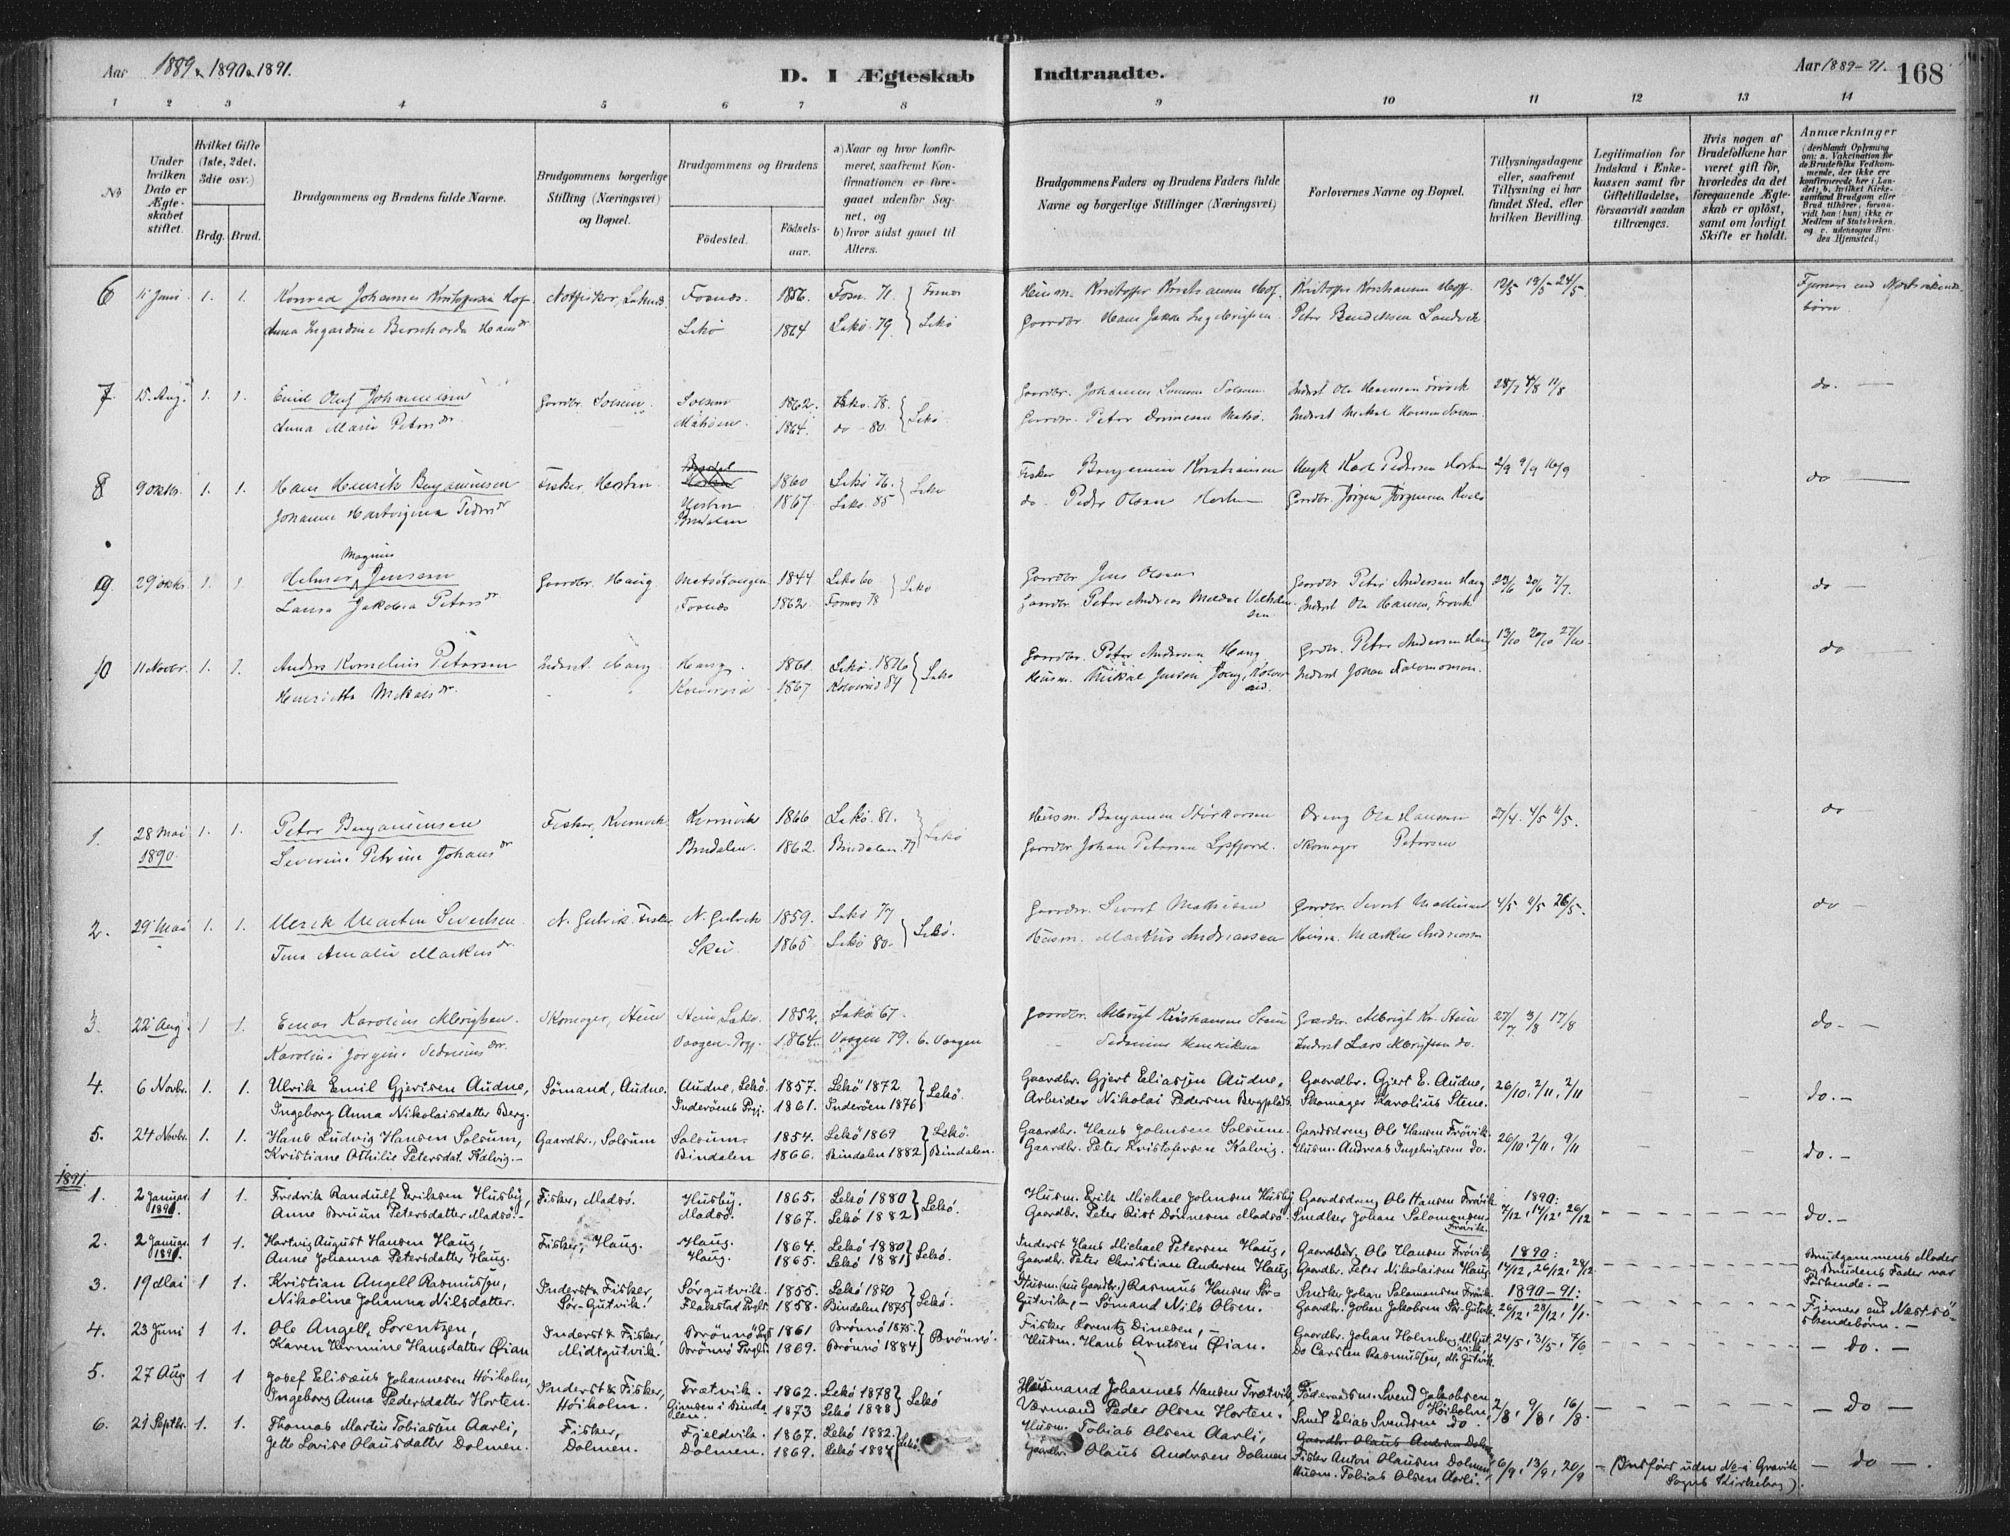 SAT, Ministerialprotokoller, klokkerbøker og fødselsregistre - Nord-Trøndelag, 788/L0697: Ministerialbok nr. 788A04, 1878-1902, s. 168